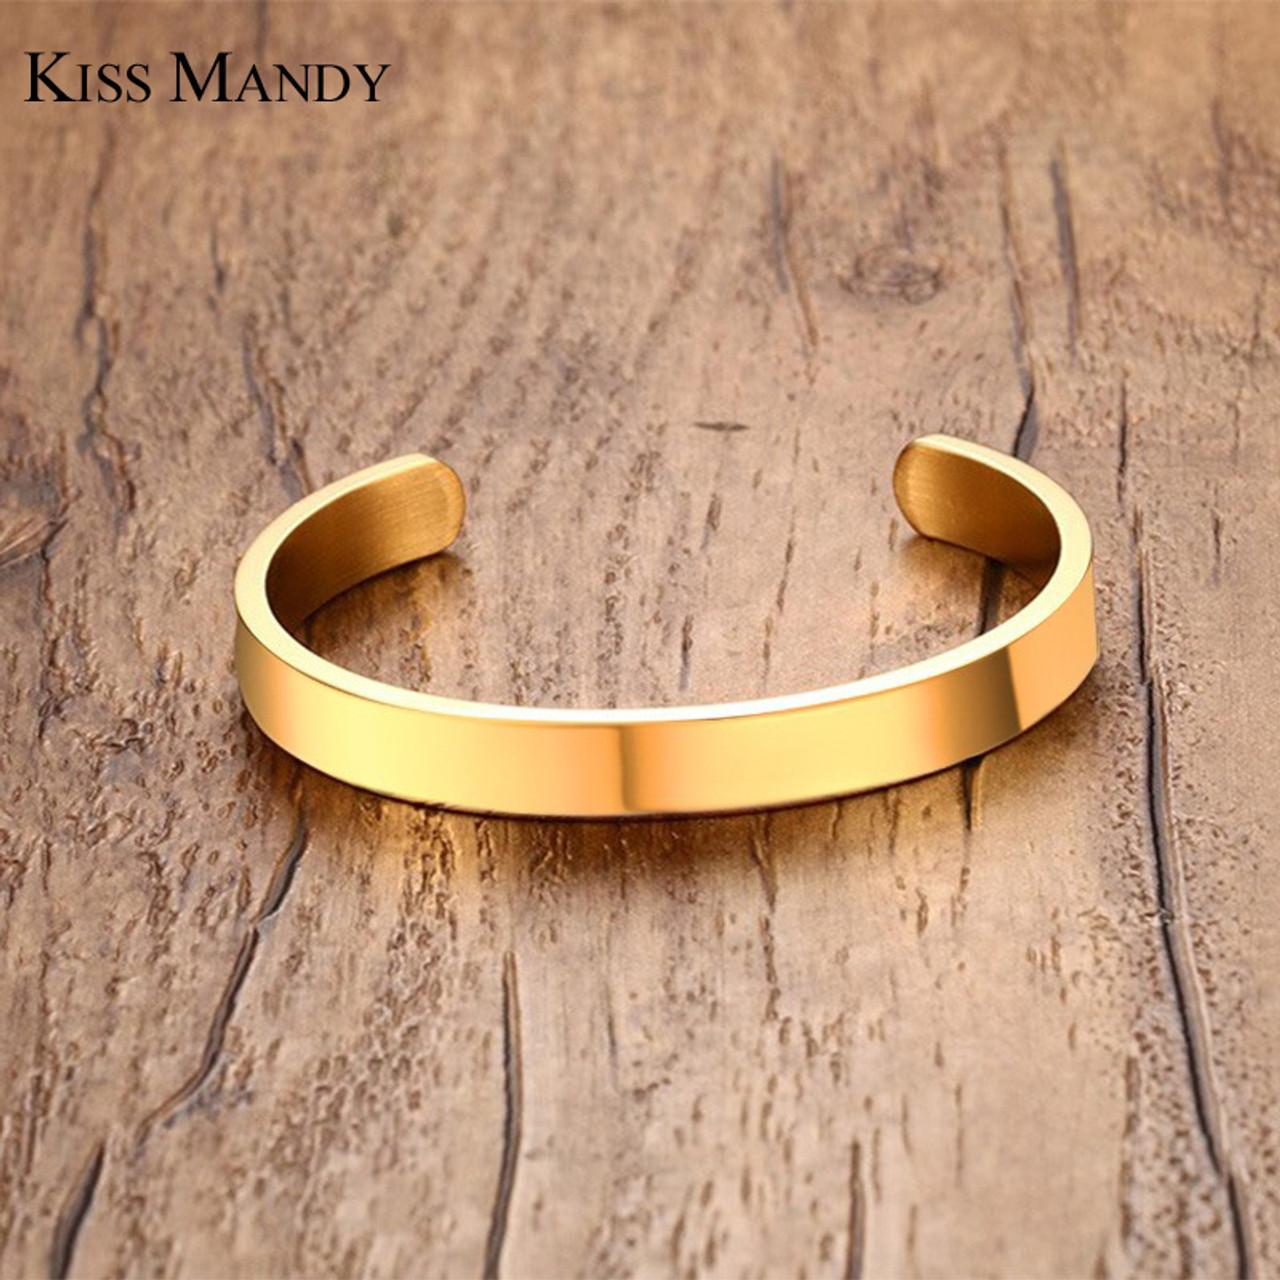 4b5c441e3c4 ... KISS MANDY 8mm Width Surface Men and Women Bracelet & Bangle  Stainless Steel Bracelet Men ...